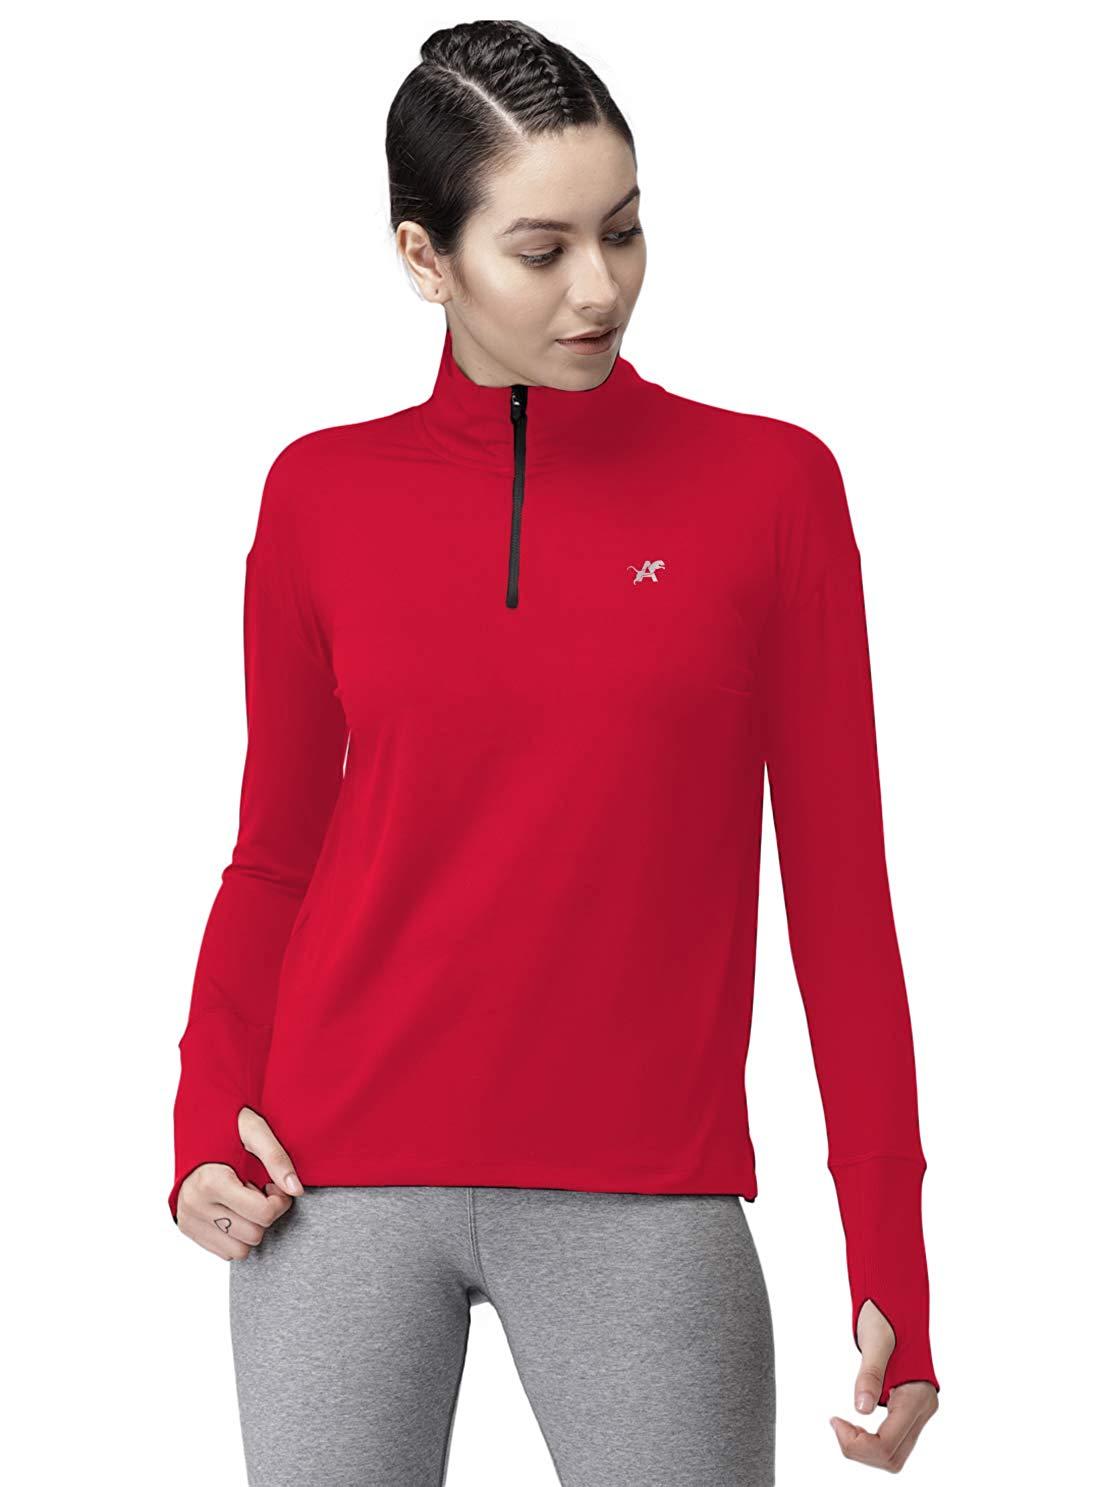 Sportswear on Sale